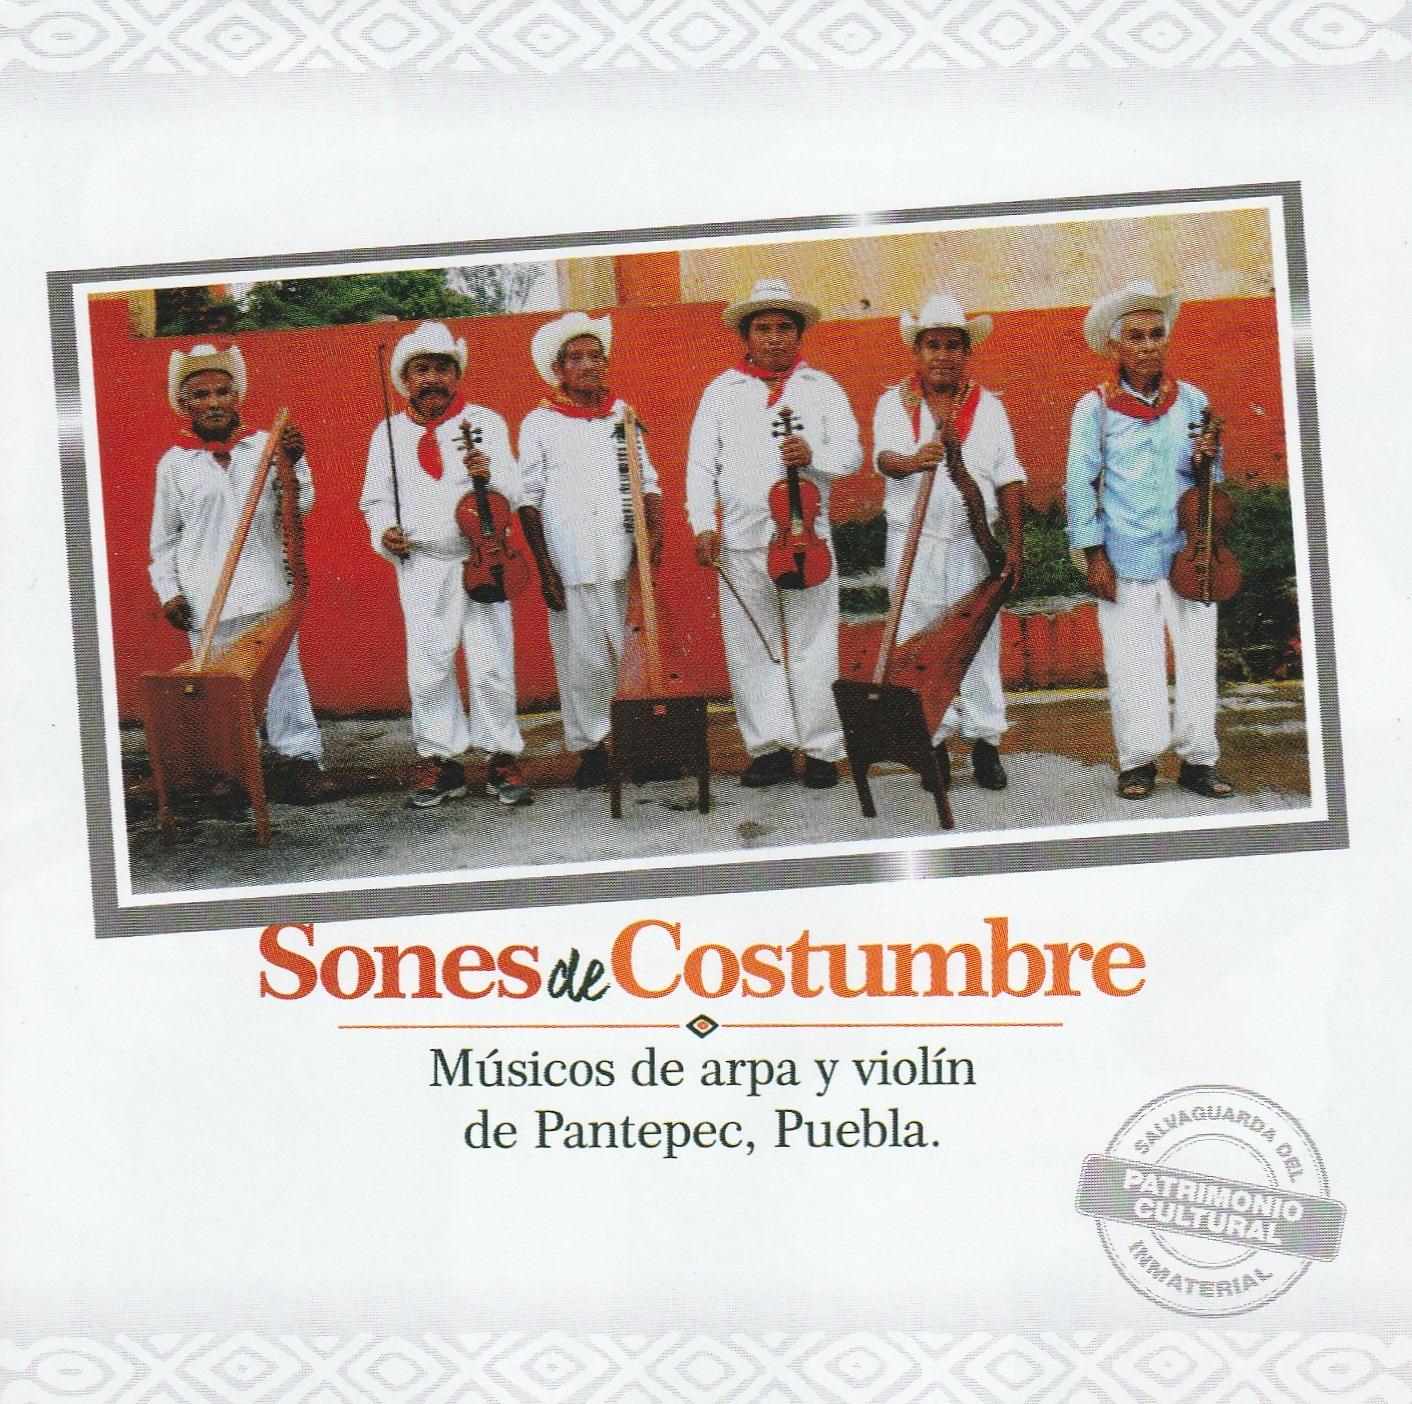 Los sones de costumbre de arpa y violín de los totonacos  de la Huasteca Poblana